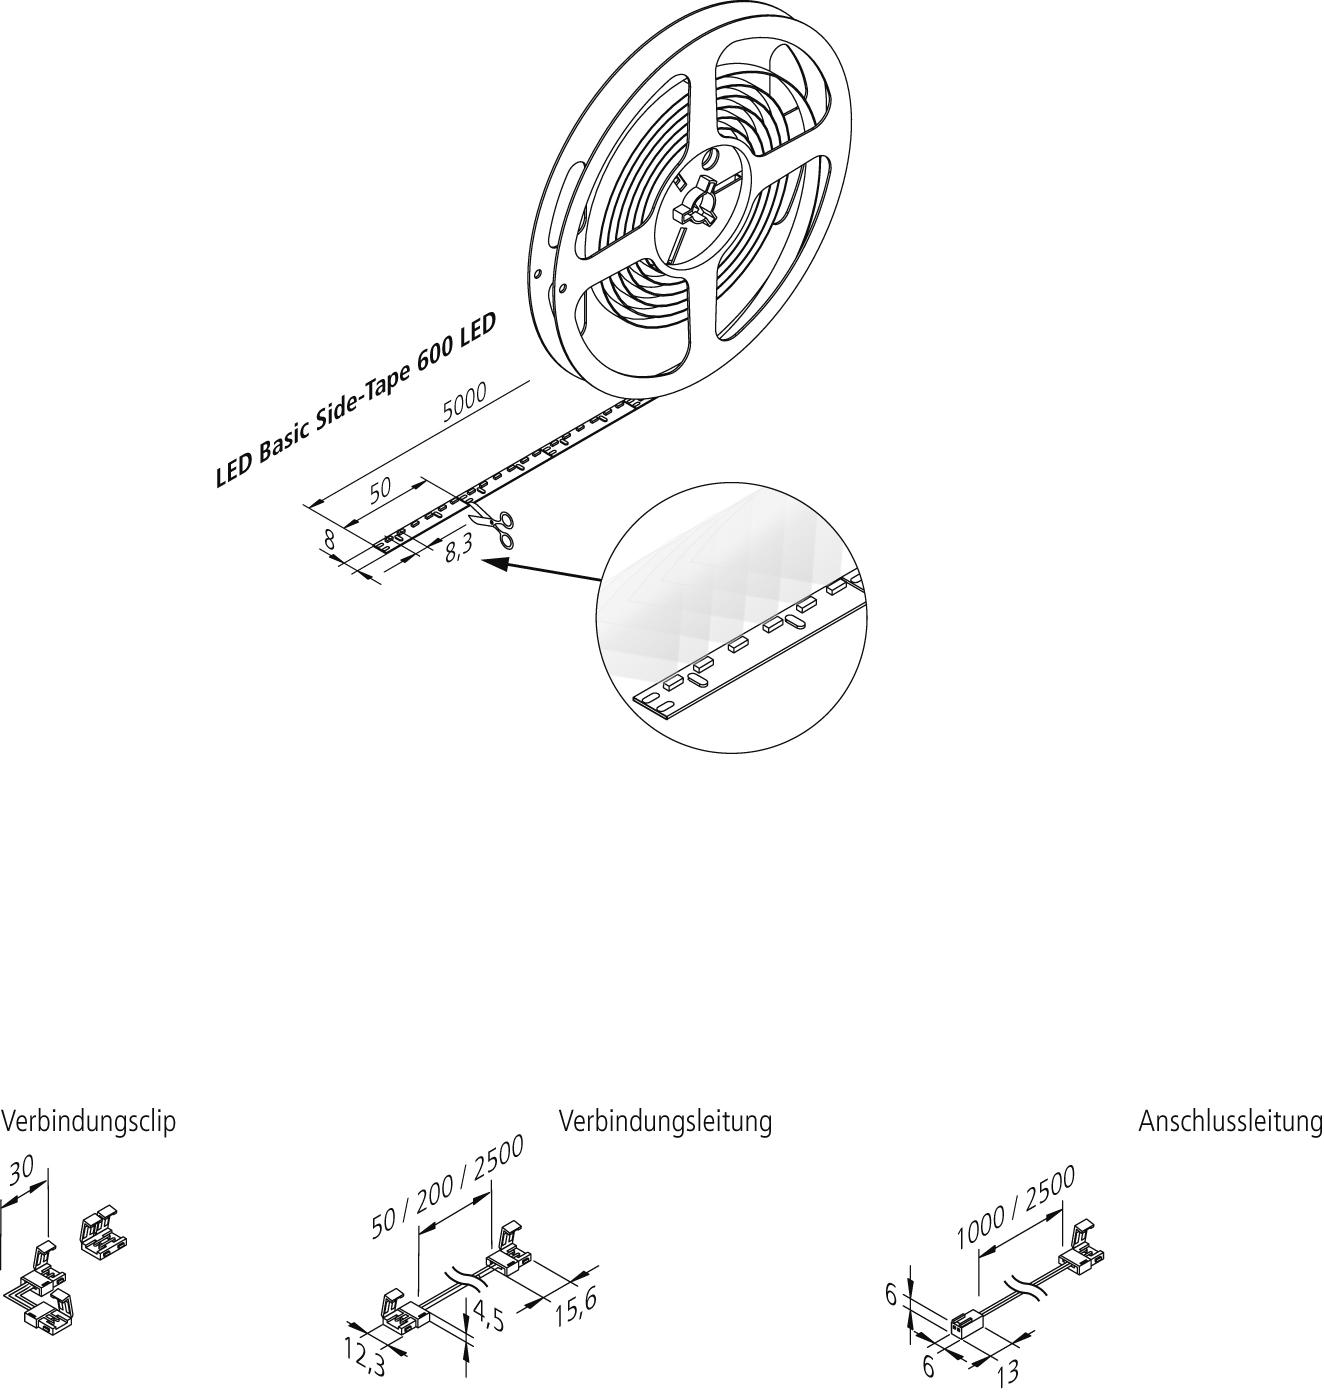 Vorschau: LED-Basic-Side-Tape_de